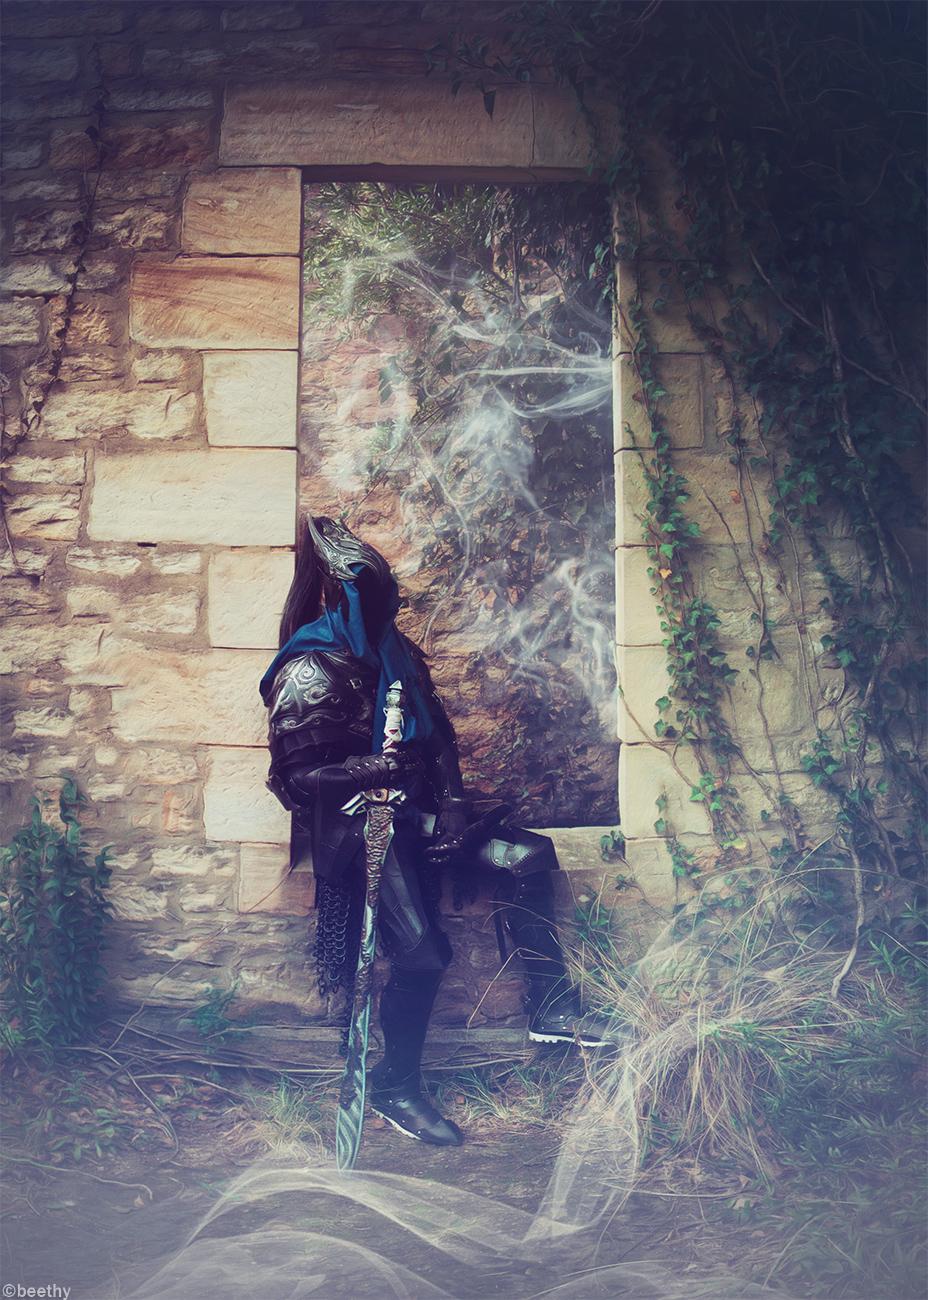 Dark Souls - Artorias -02- by beethy